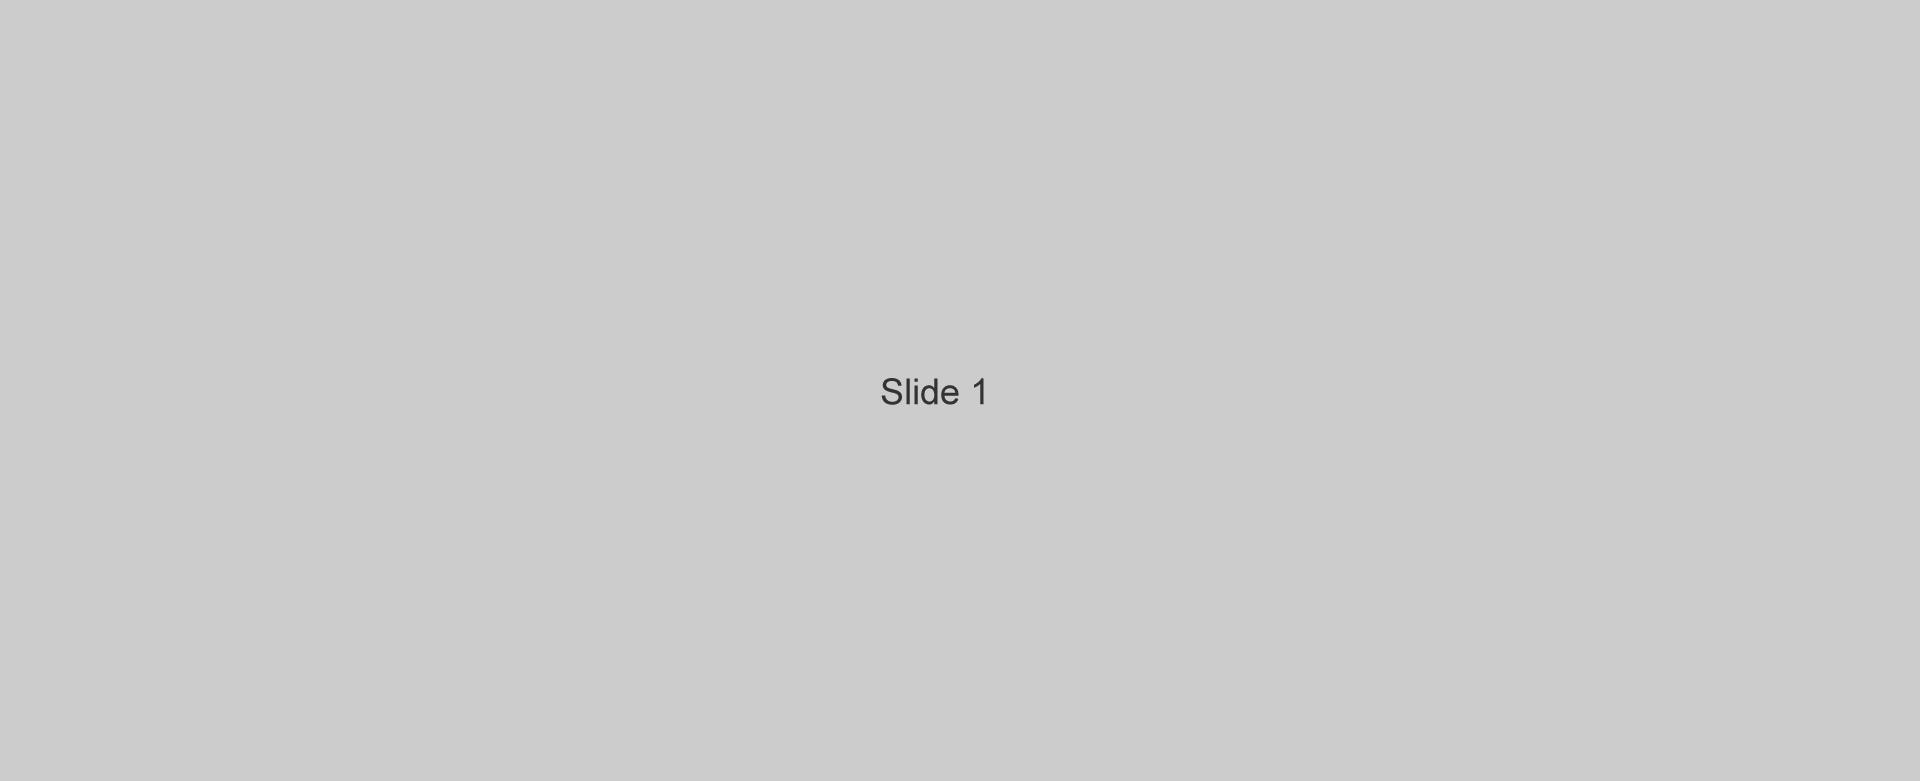 Slide title 1